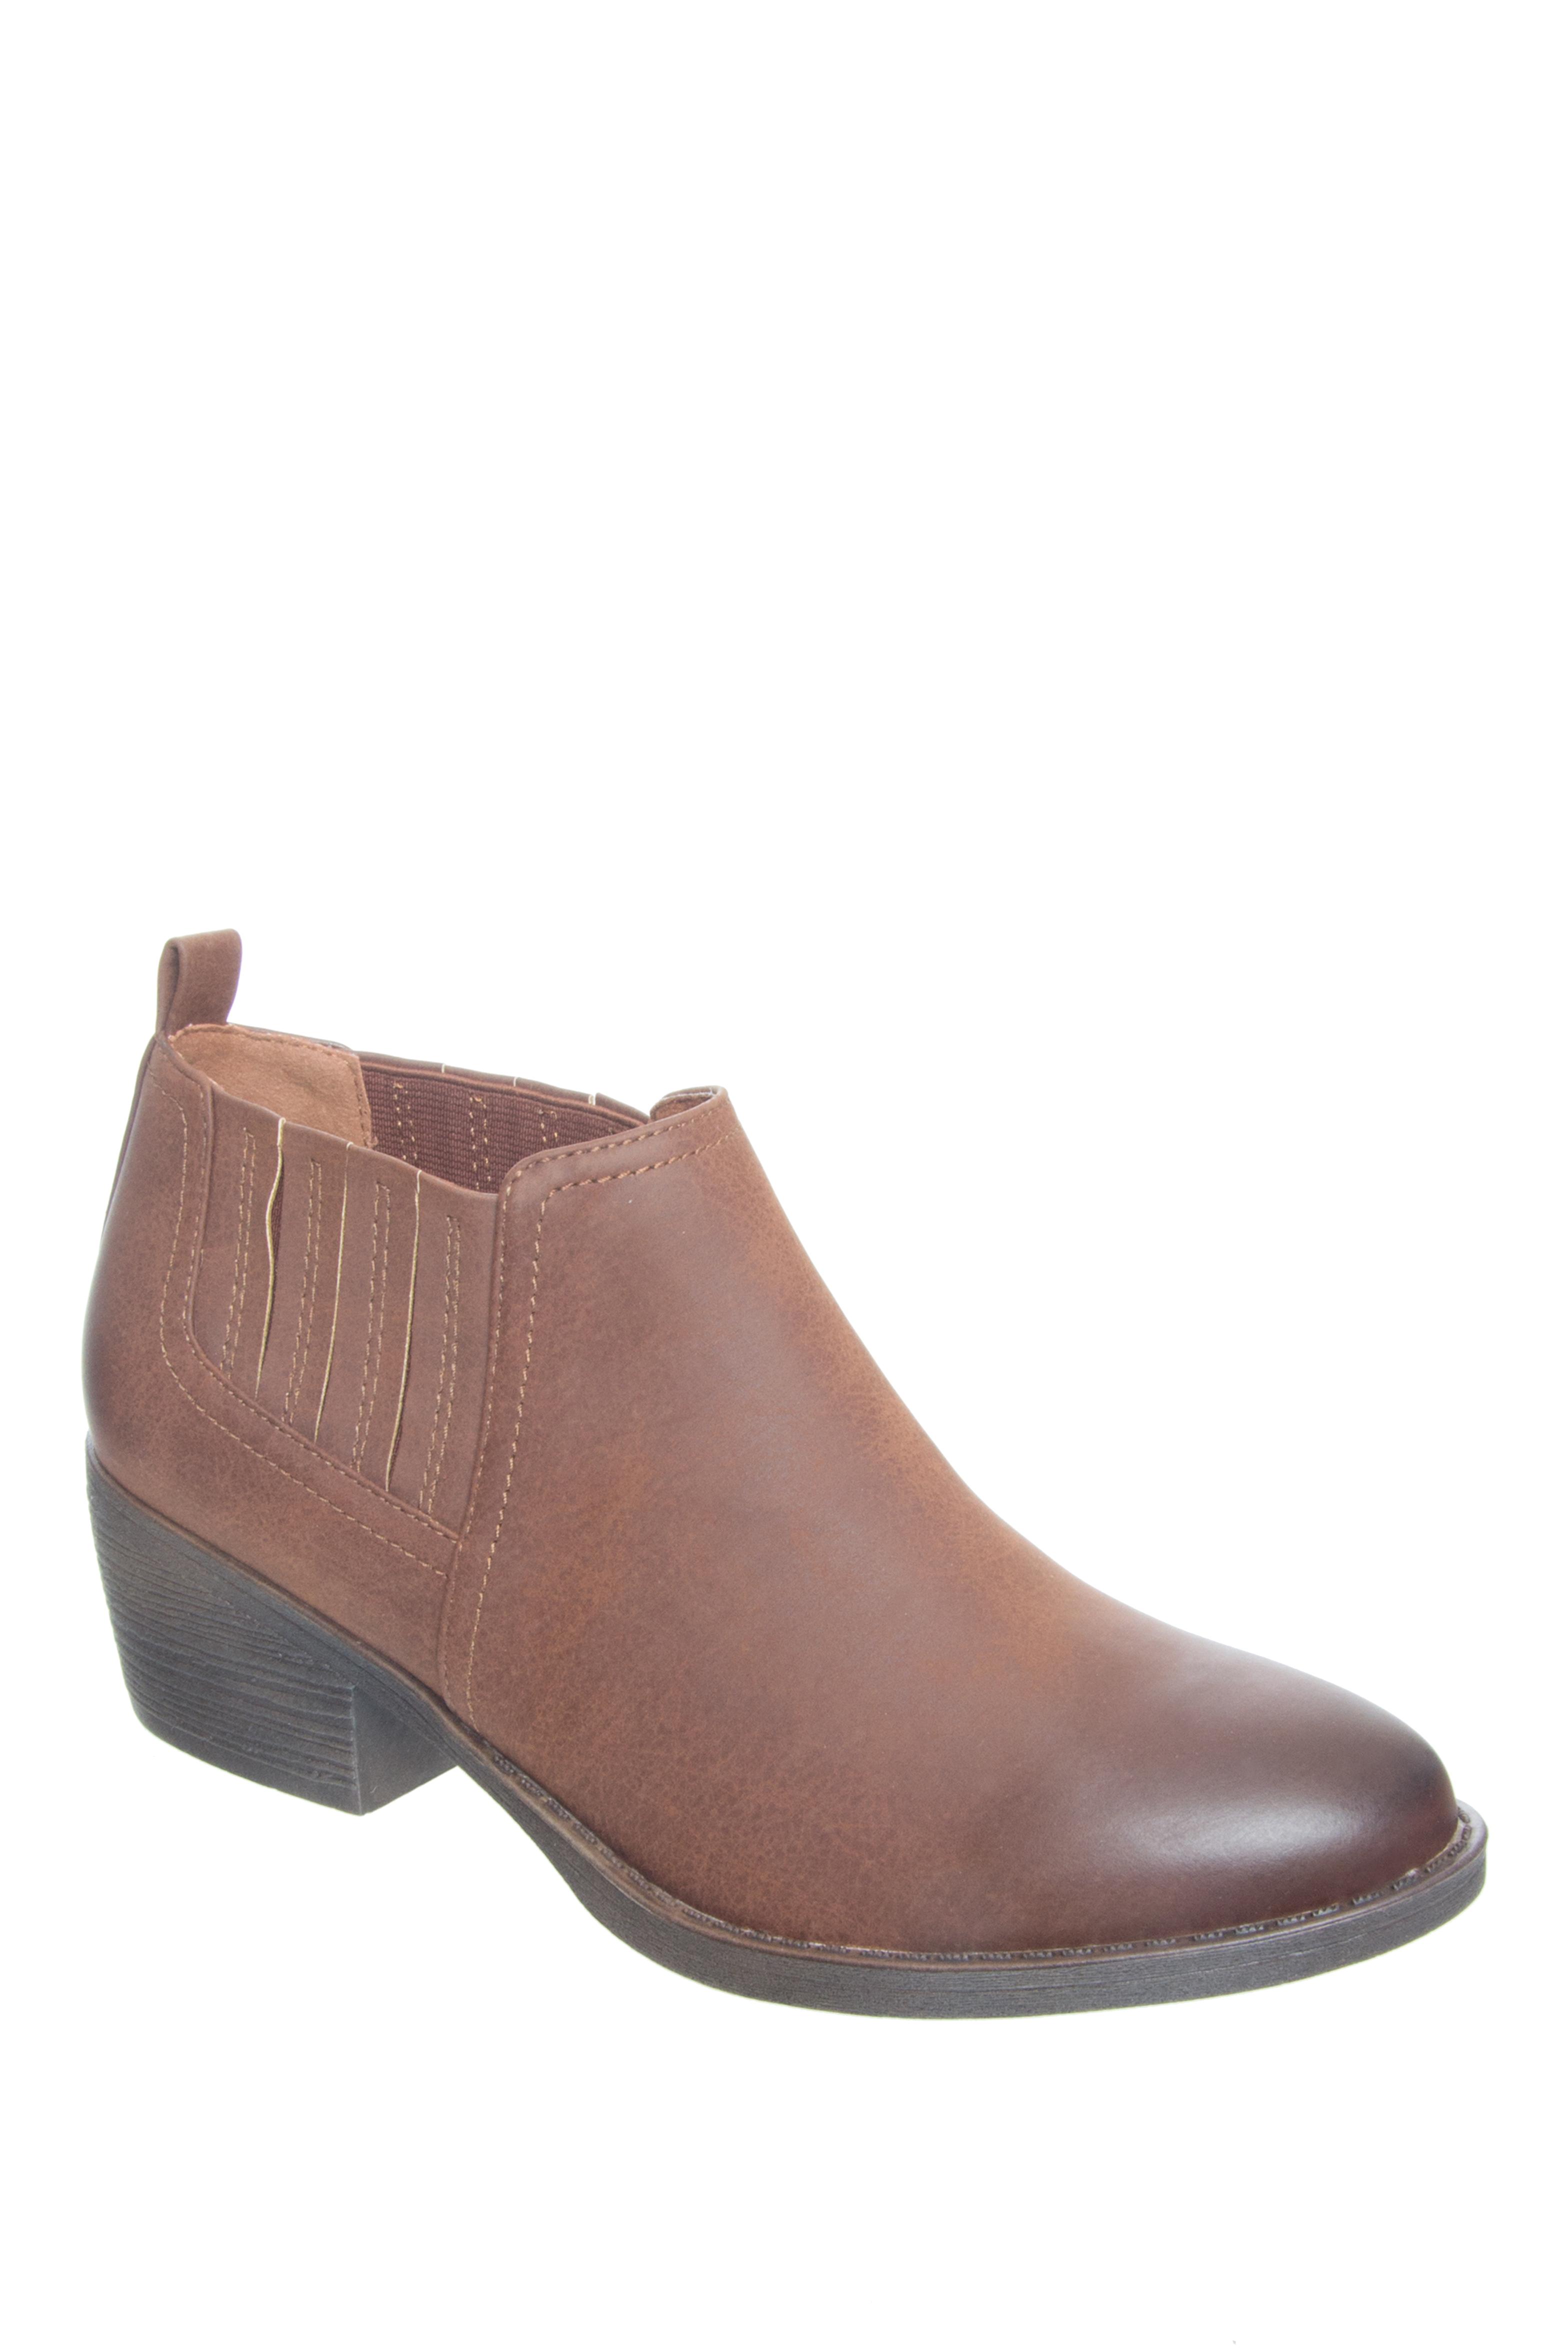 BC Footwear Angel Low Heel Slip-On Booties - Cognac